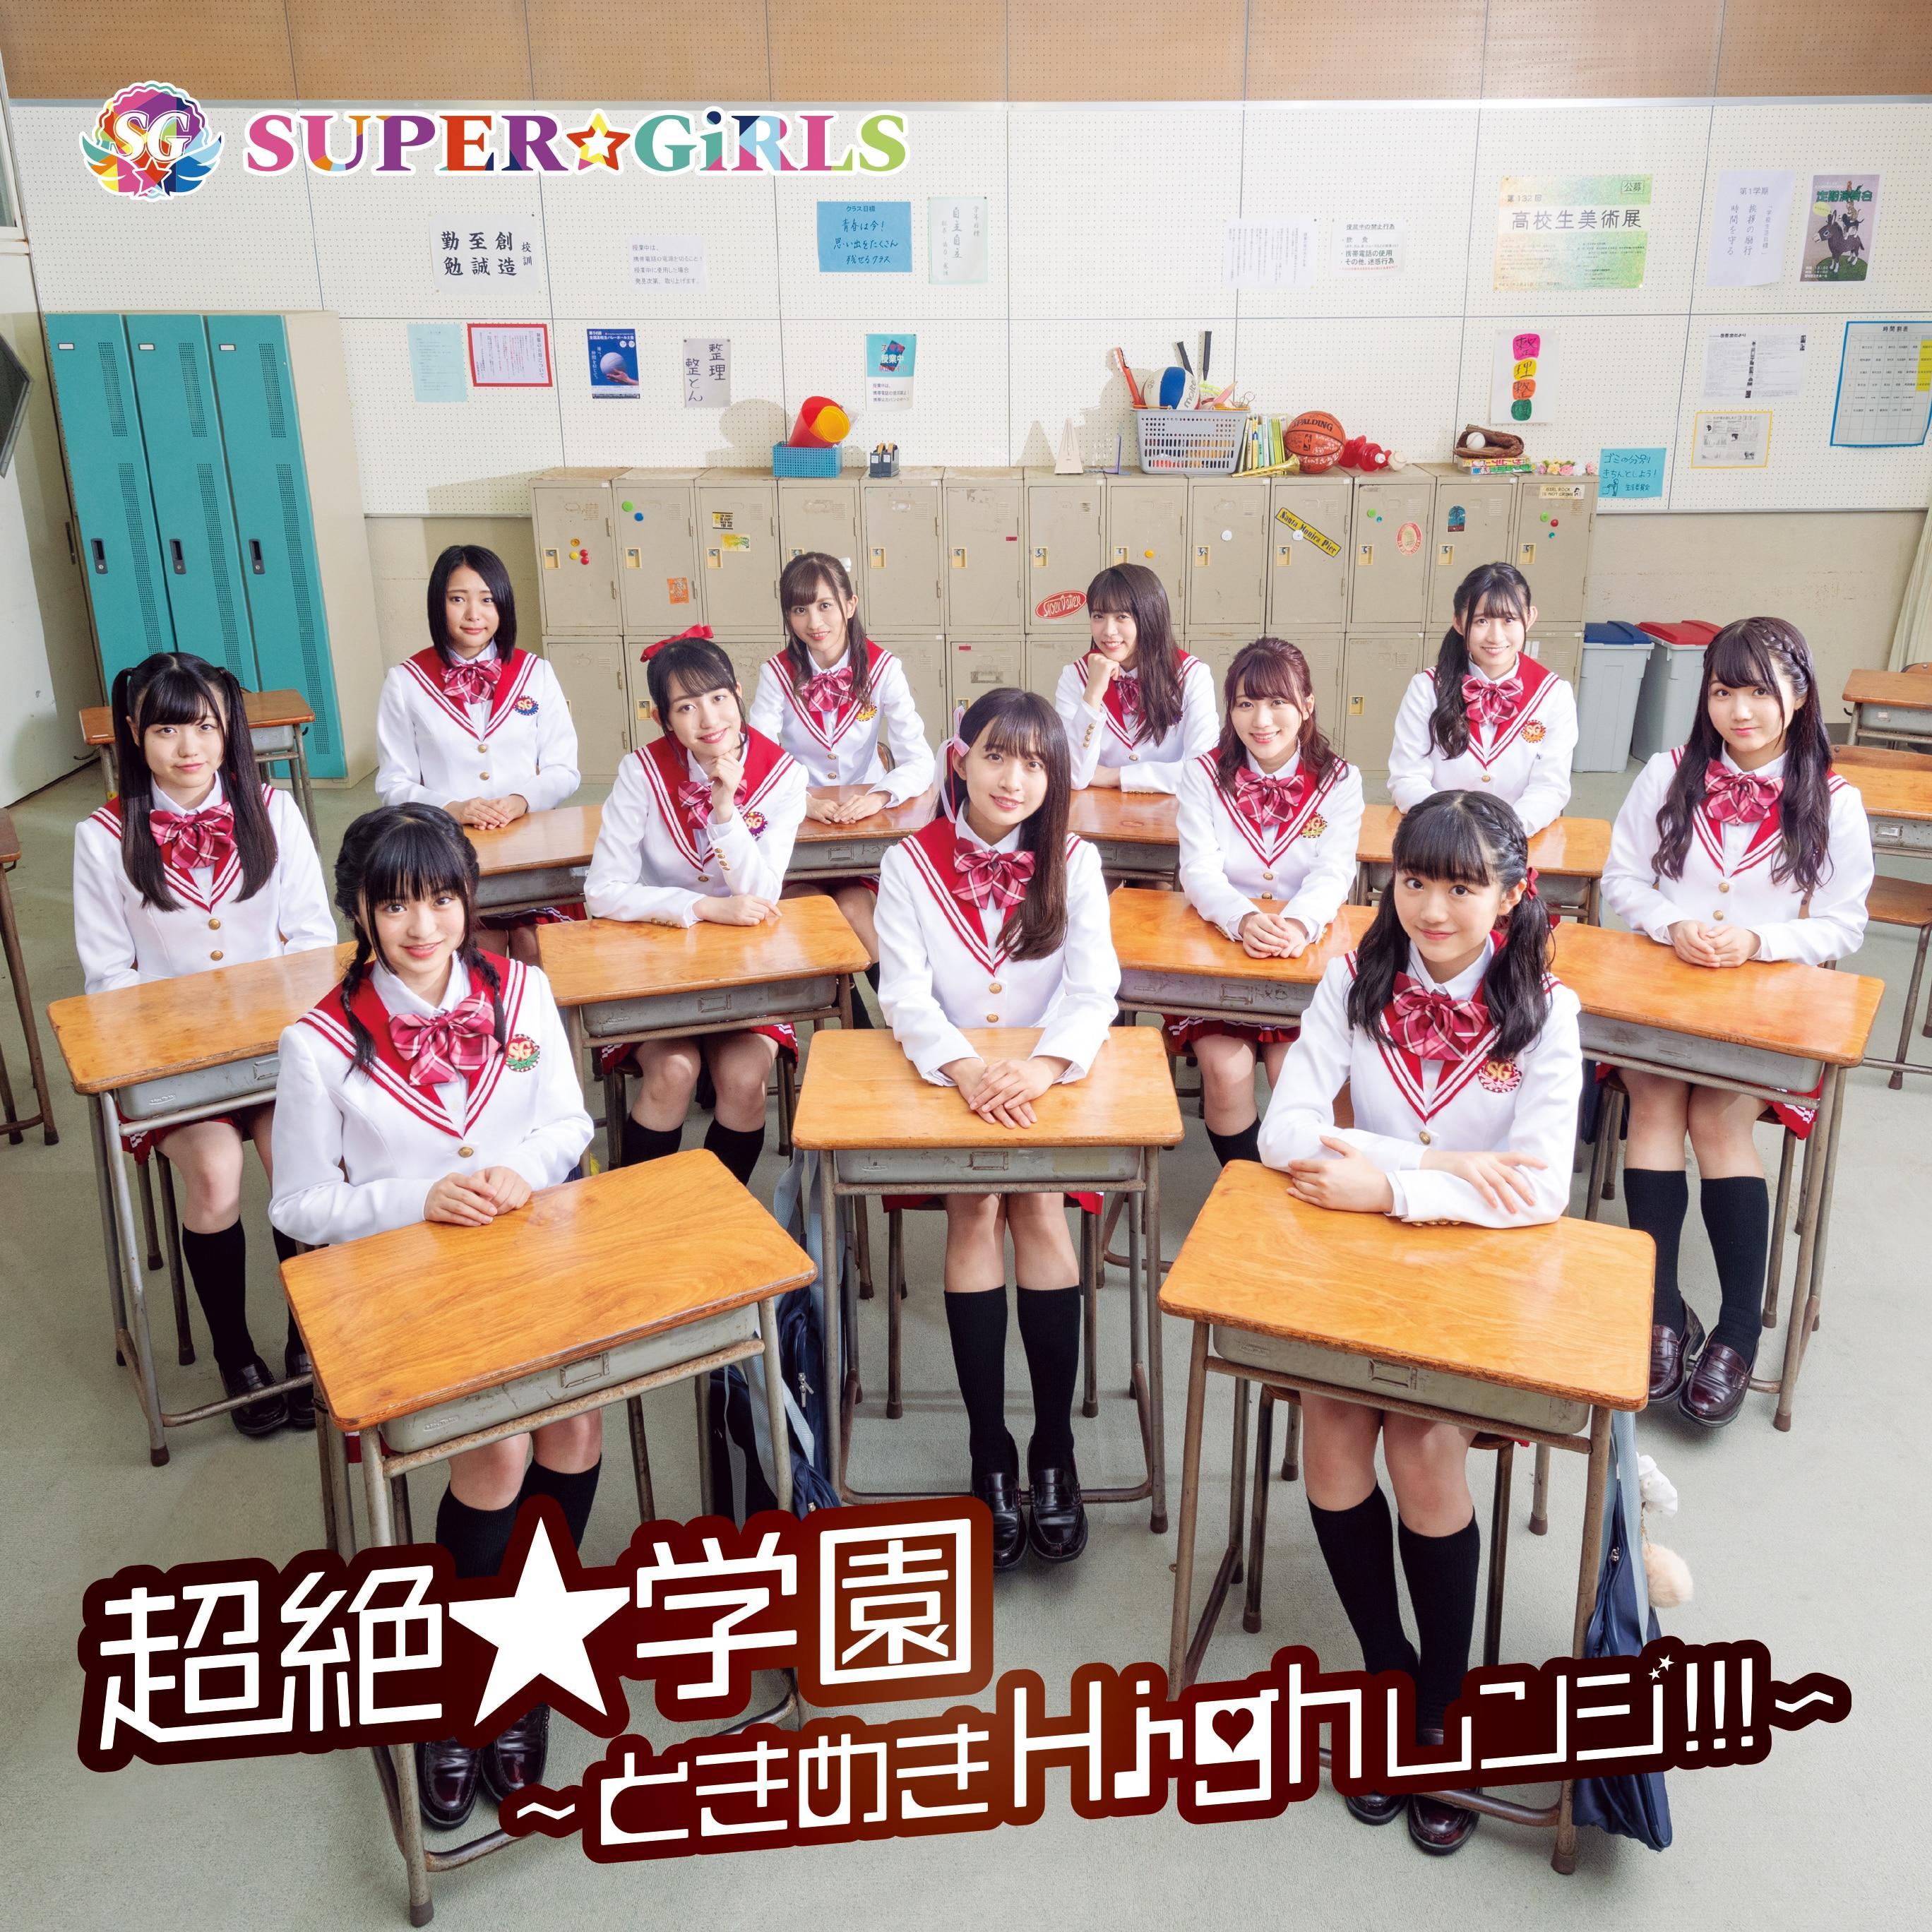 超絶★学園 ~ときめきHighレンジ!!!~